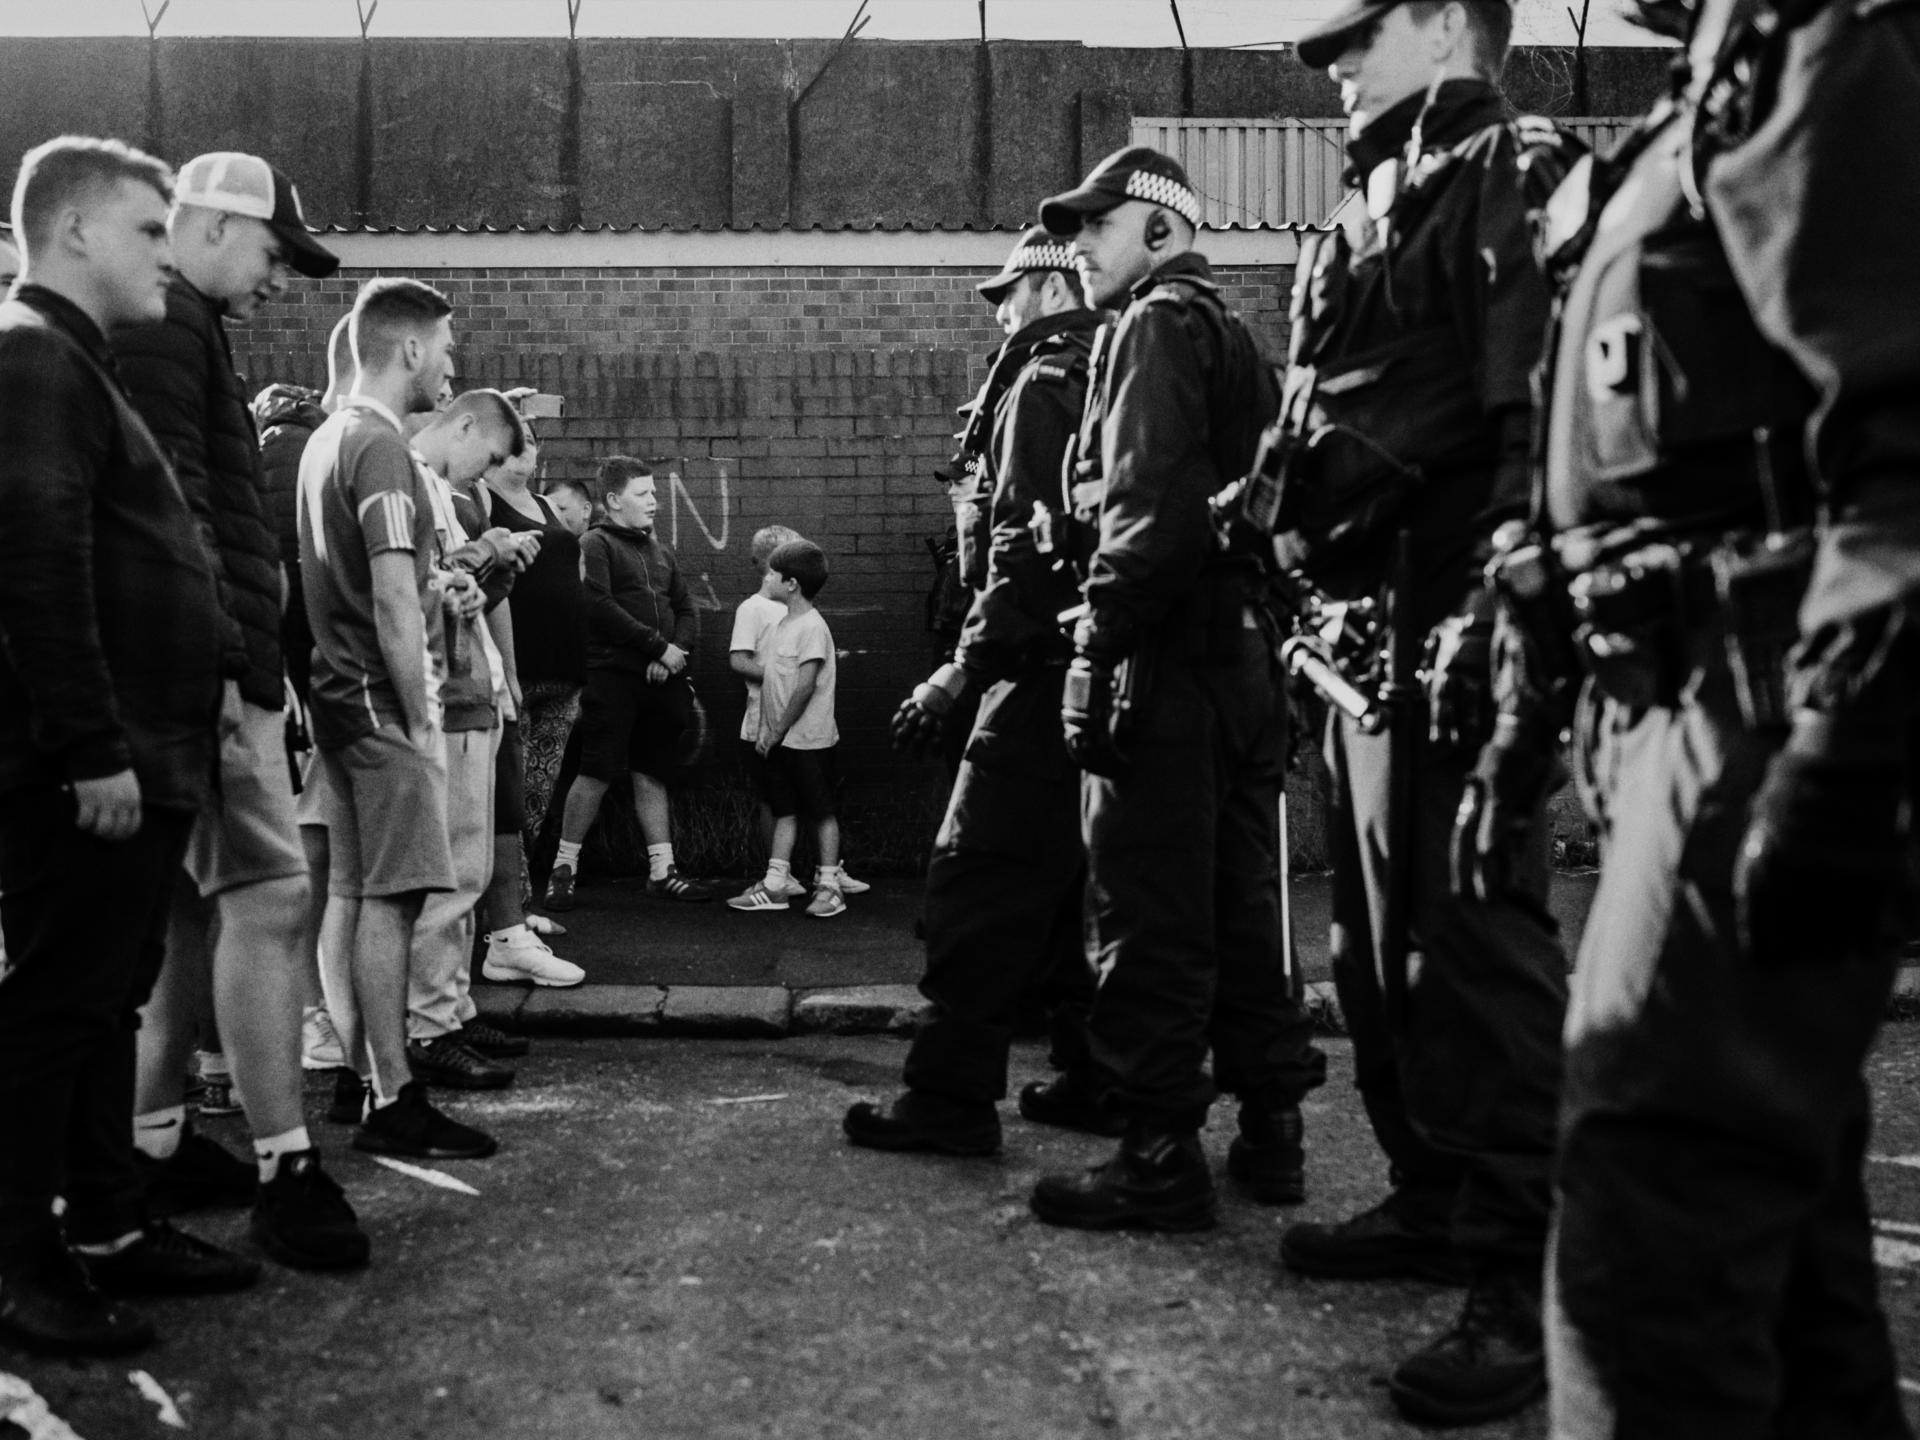 Un groupe d'adolescents fait face aux policiers sur Trinity Street, dans le quartier de Carrick Hill, à Belfast.